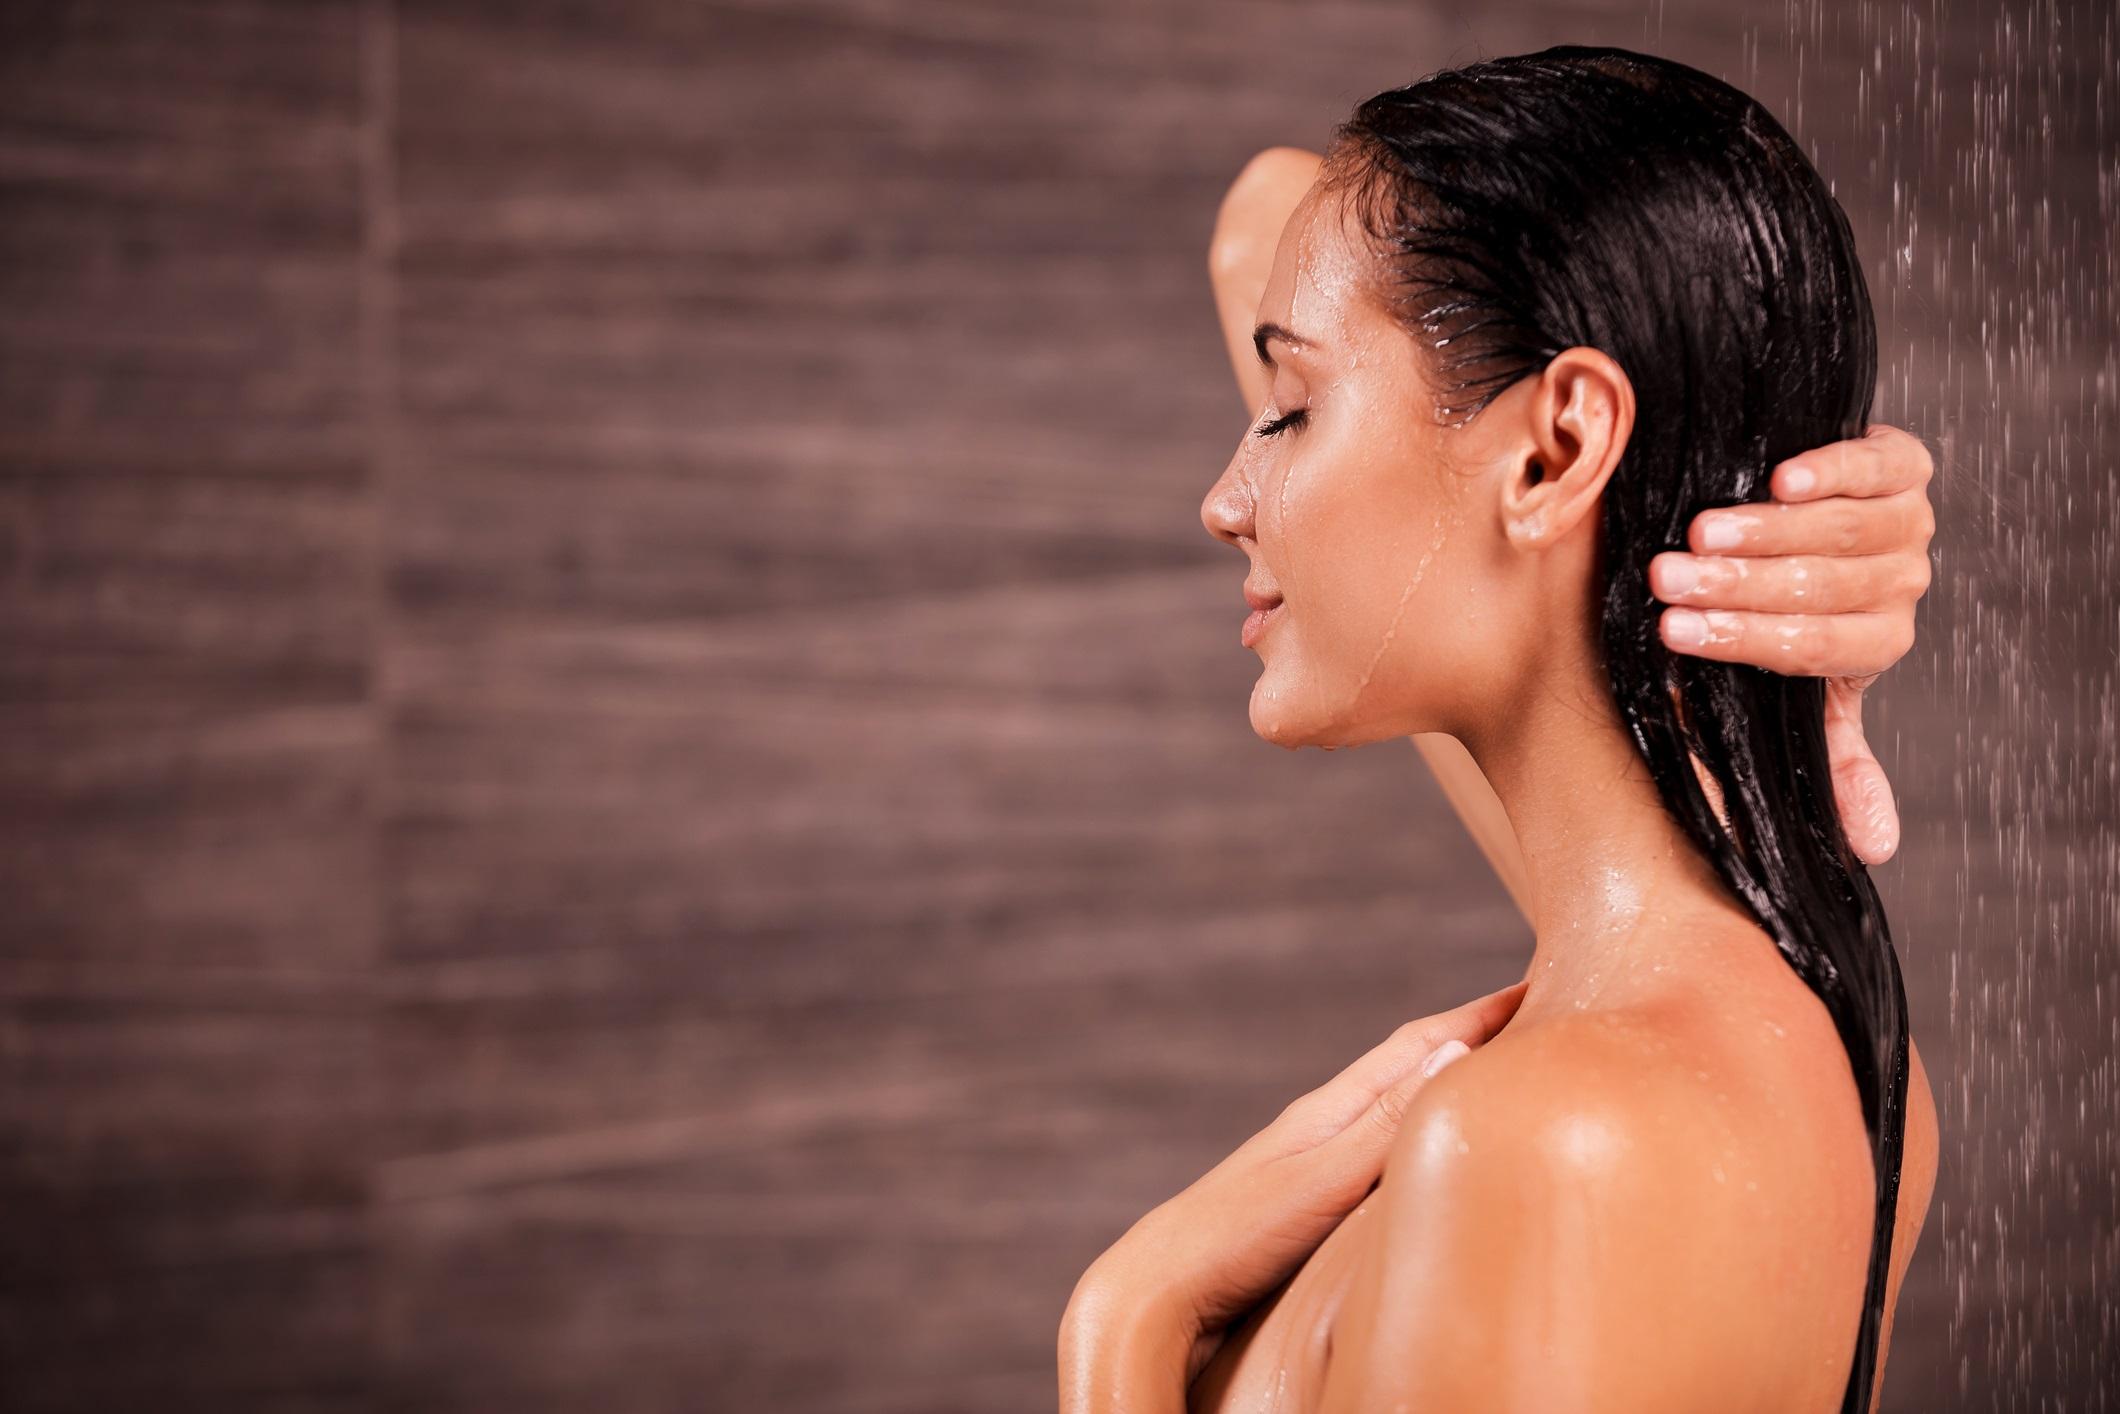 Mulher no chuveiro com o cabelo molhado